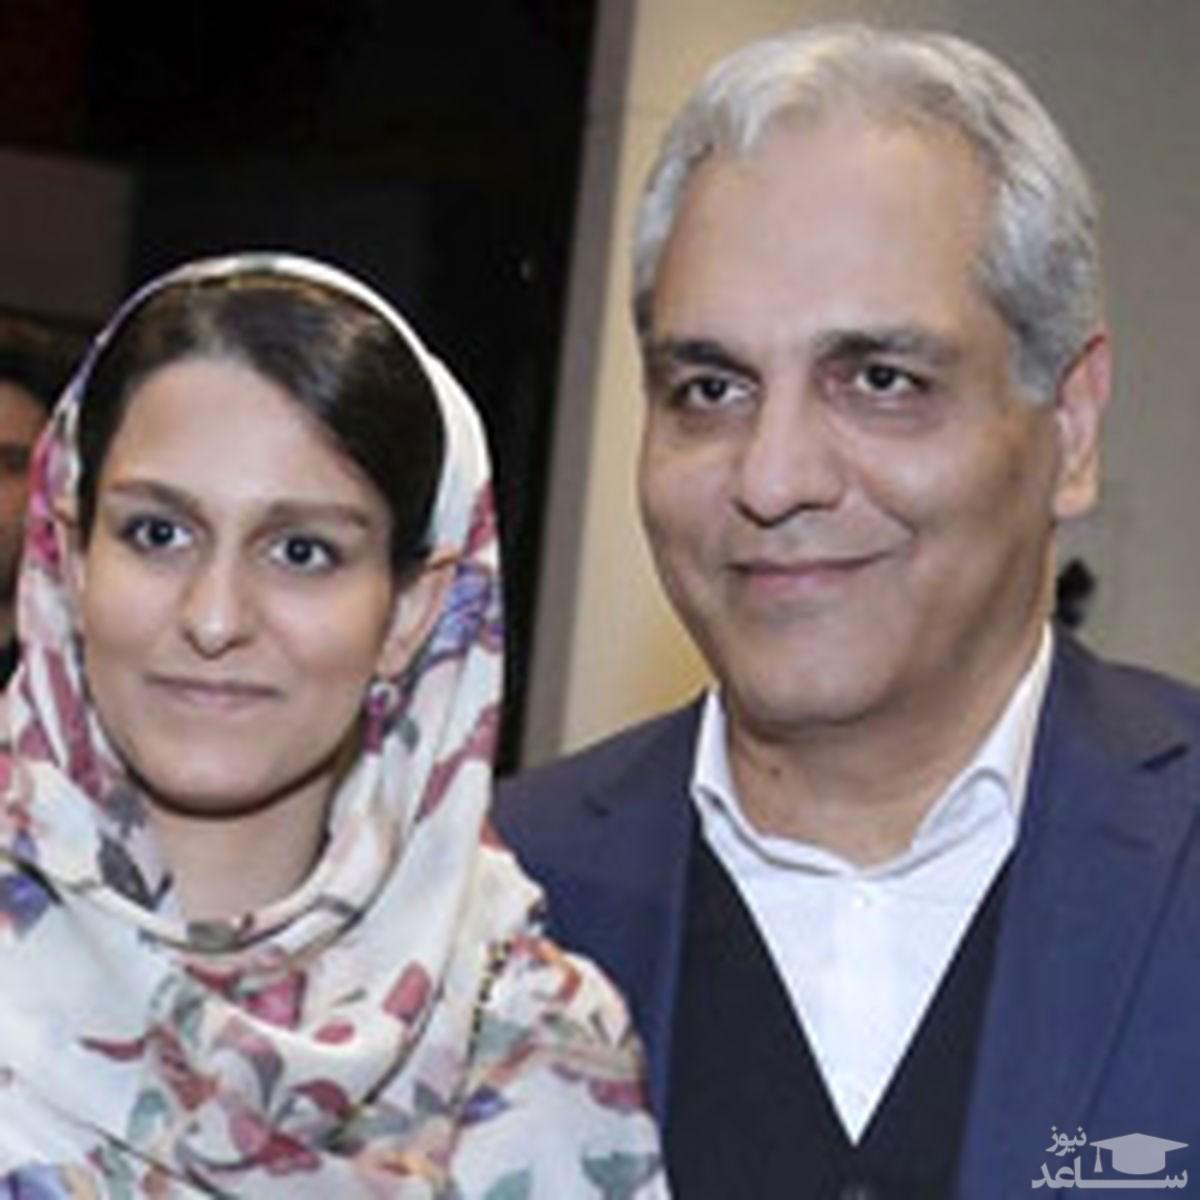 تبریک خاص دختر مهران مدیری به پدرش